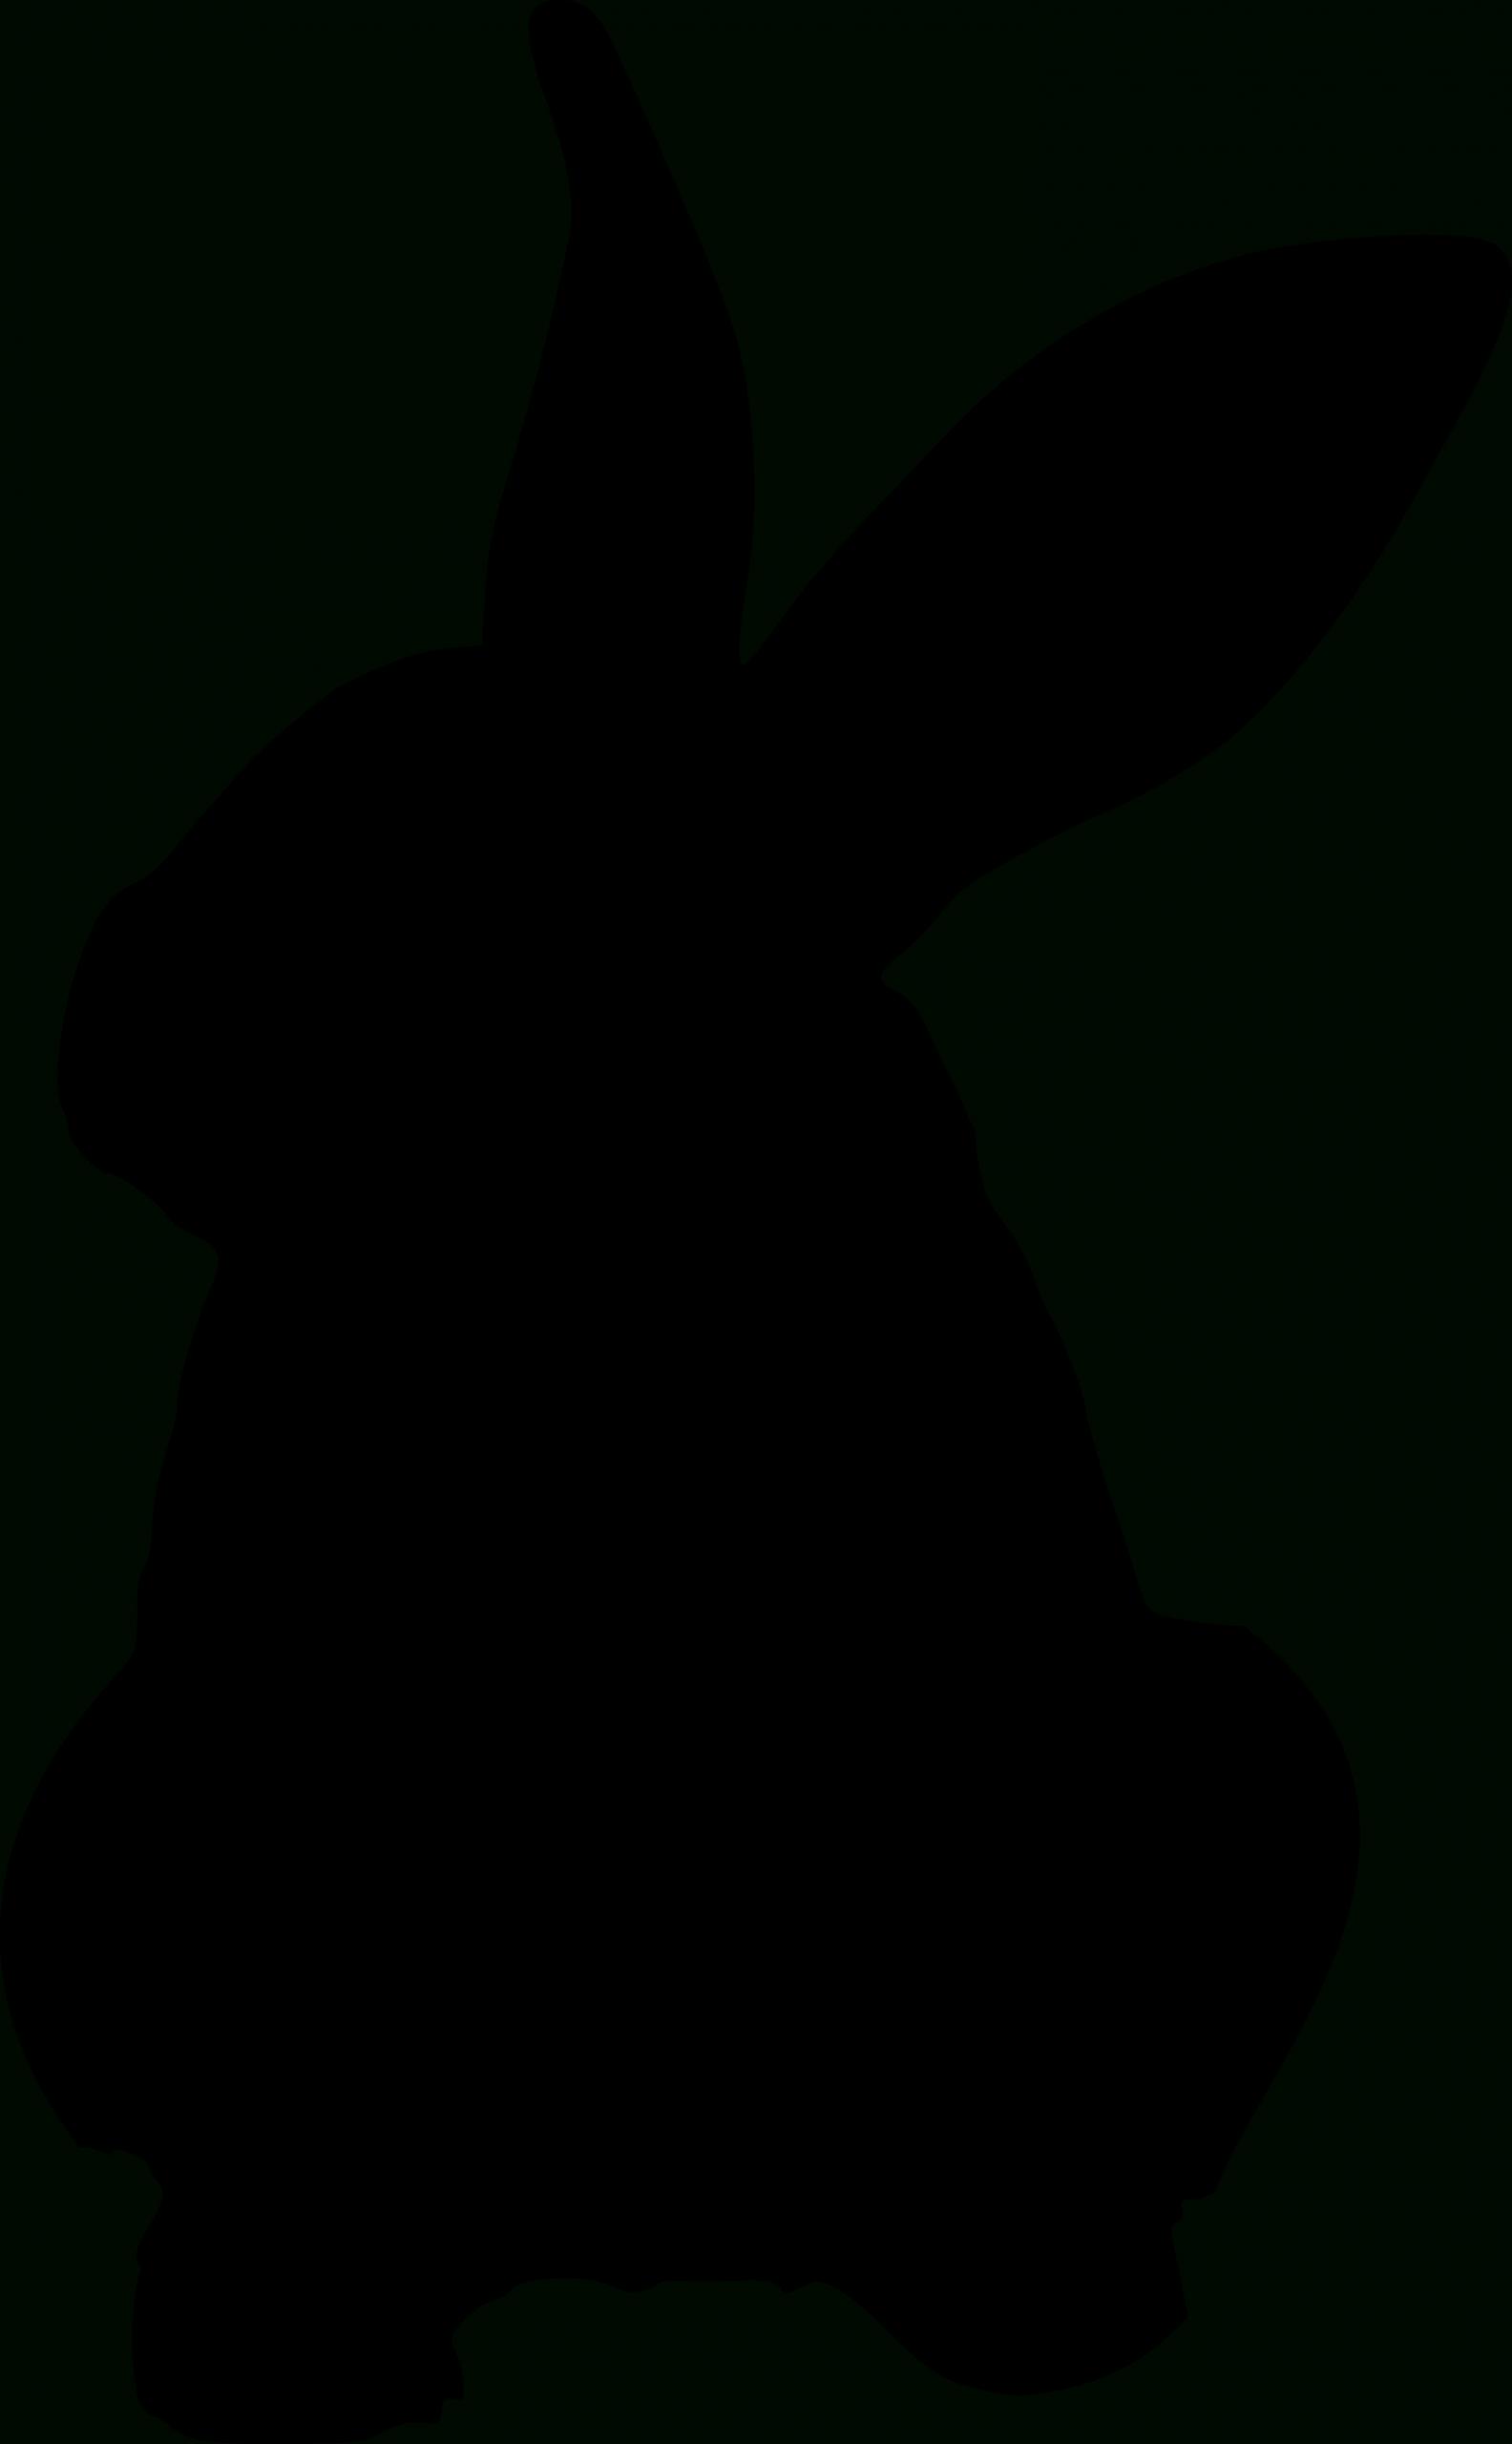 Animaux/silhouettes/hd | Visuels L214 concernant Silhouette D Animaux À Imprimer